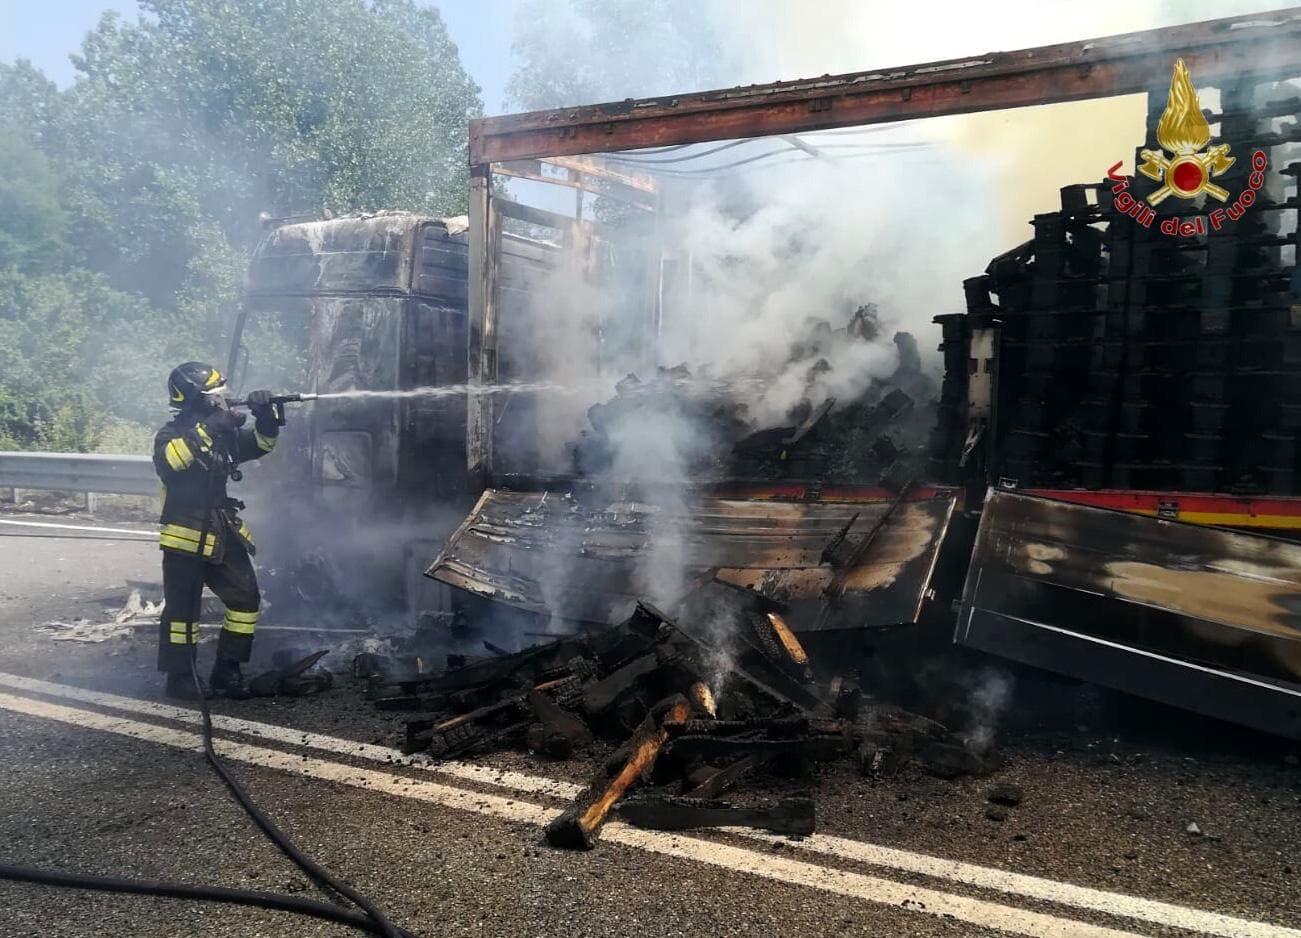 Incendio camion superstrada montopoli 13 giugno 2019-2